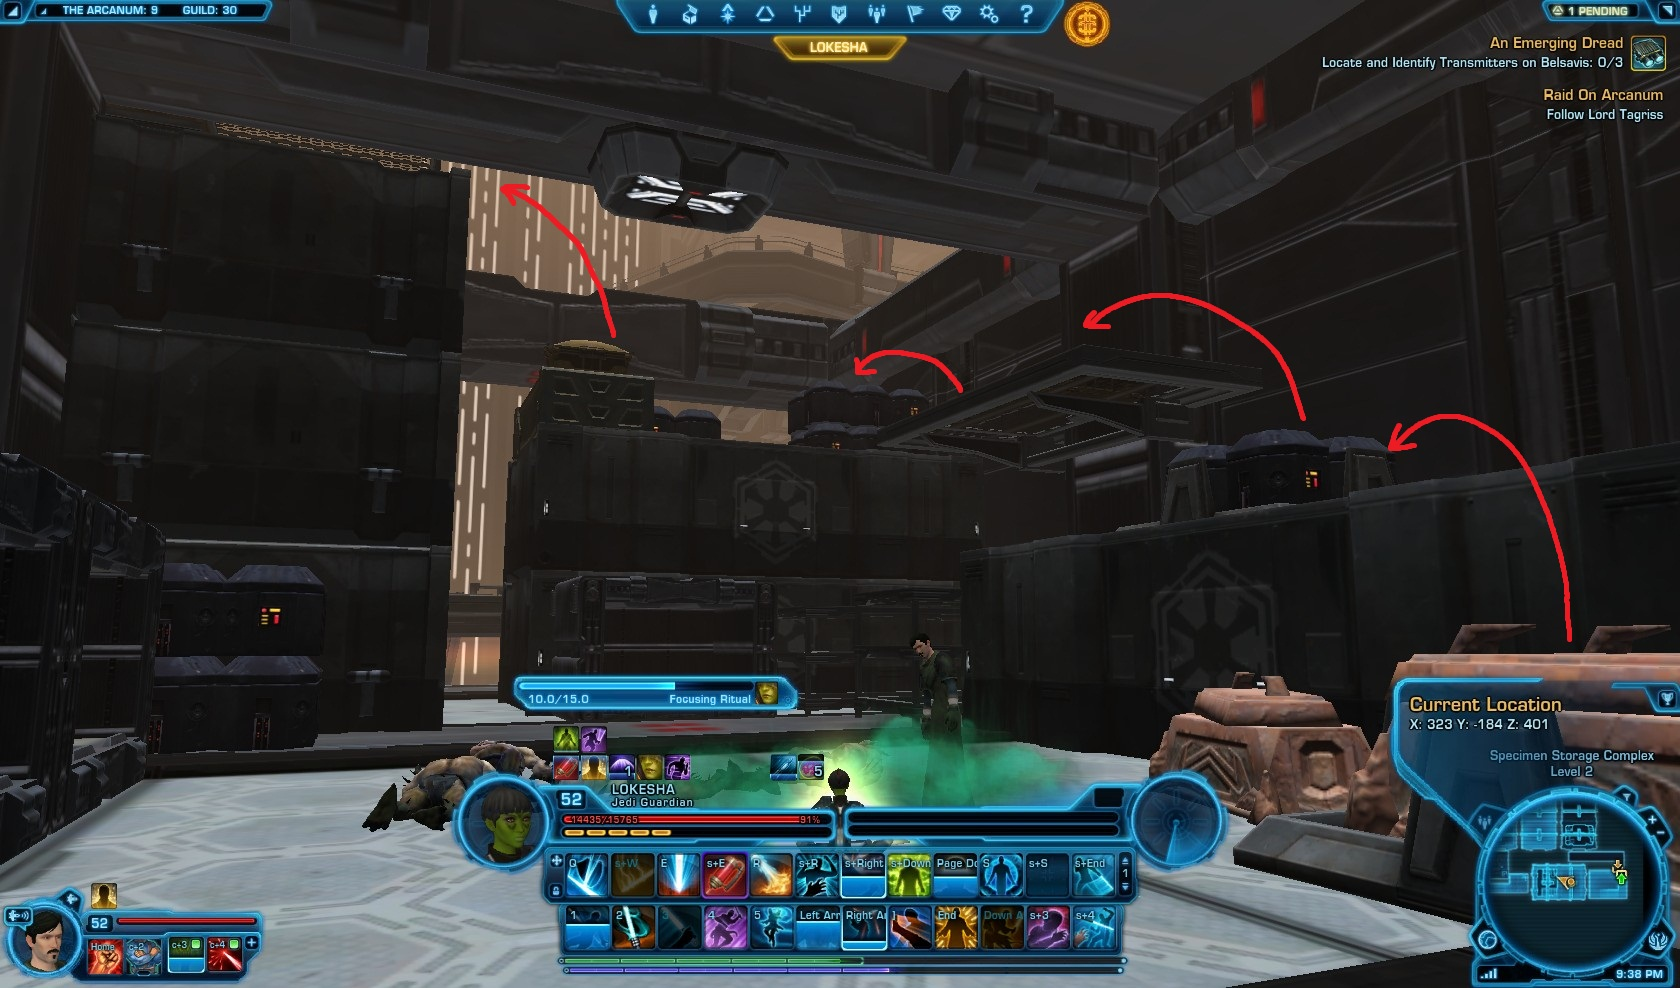 Swtor Raid on Arcanum Seeker Droid Mission